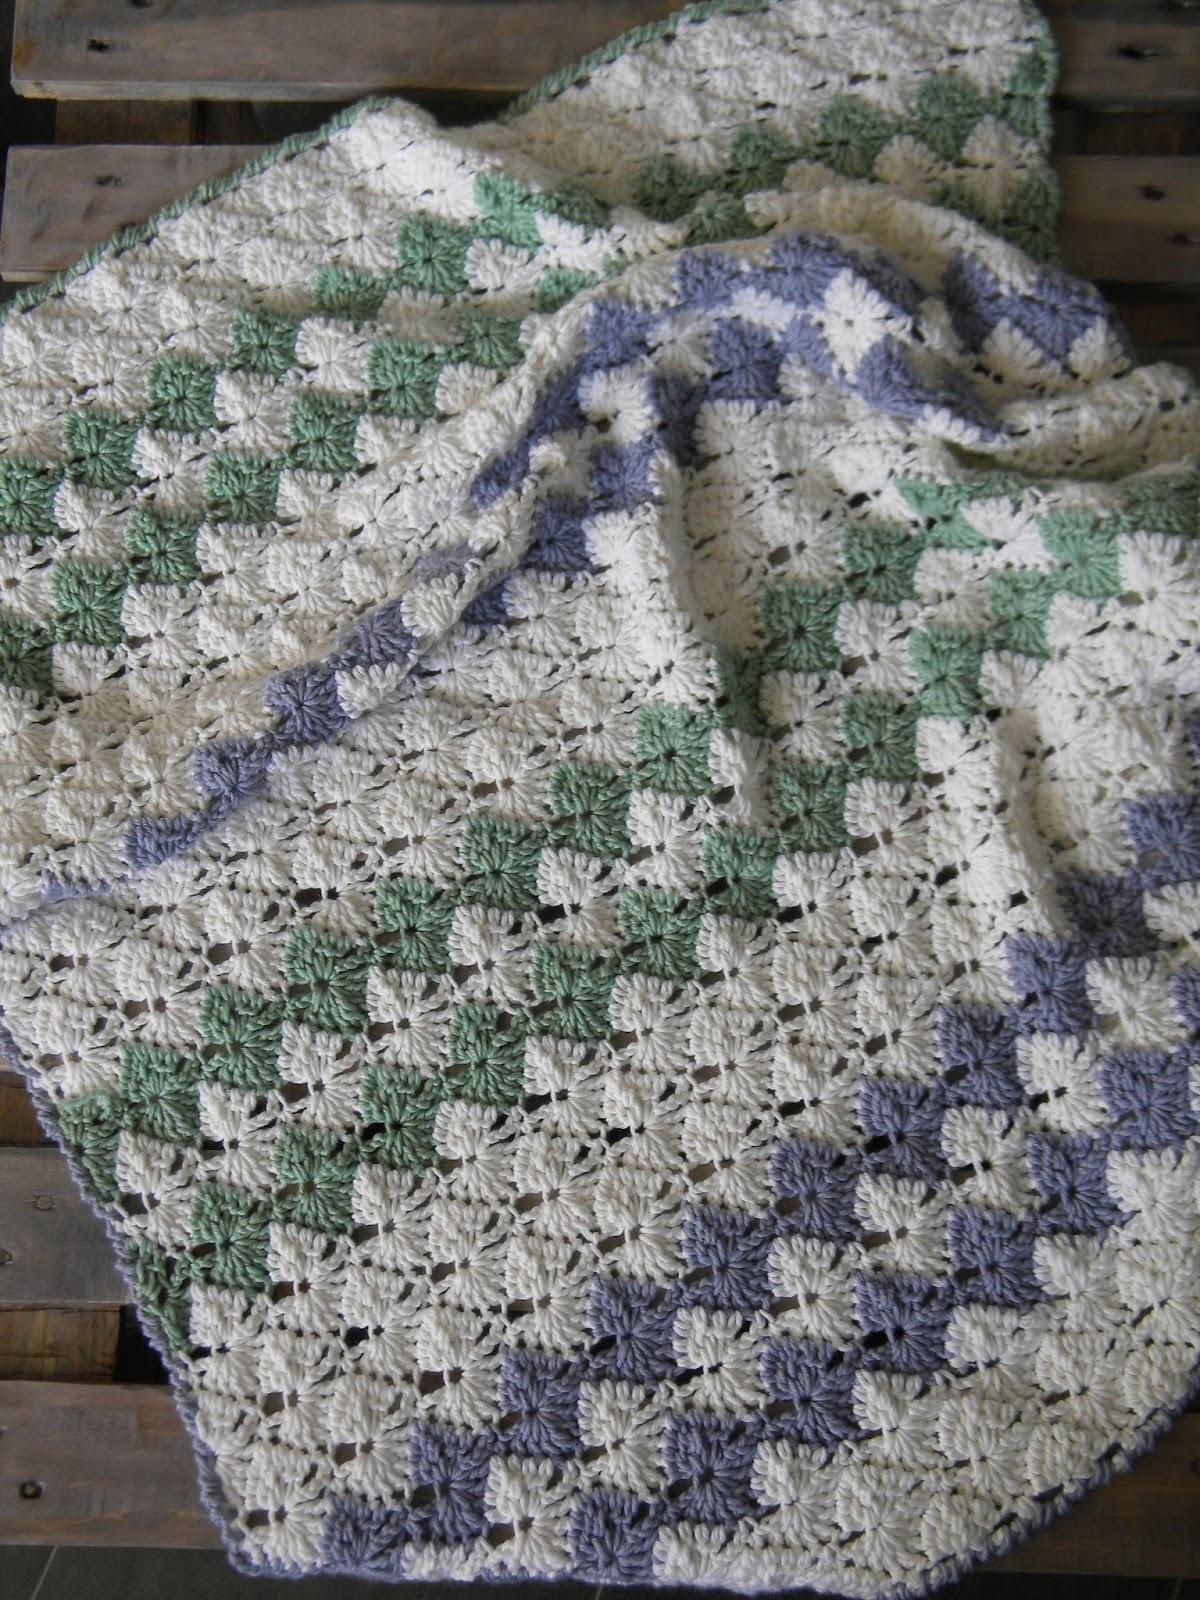 Favorito Sferruzz&Co: Punti all'uncinetto/Margherite/Baby blanket e altro OY04